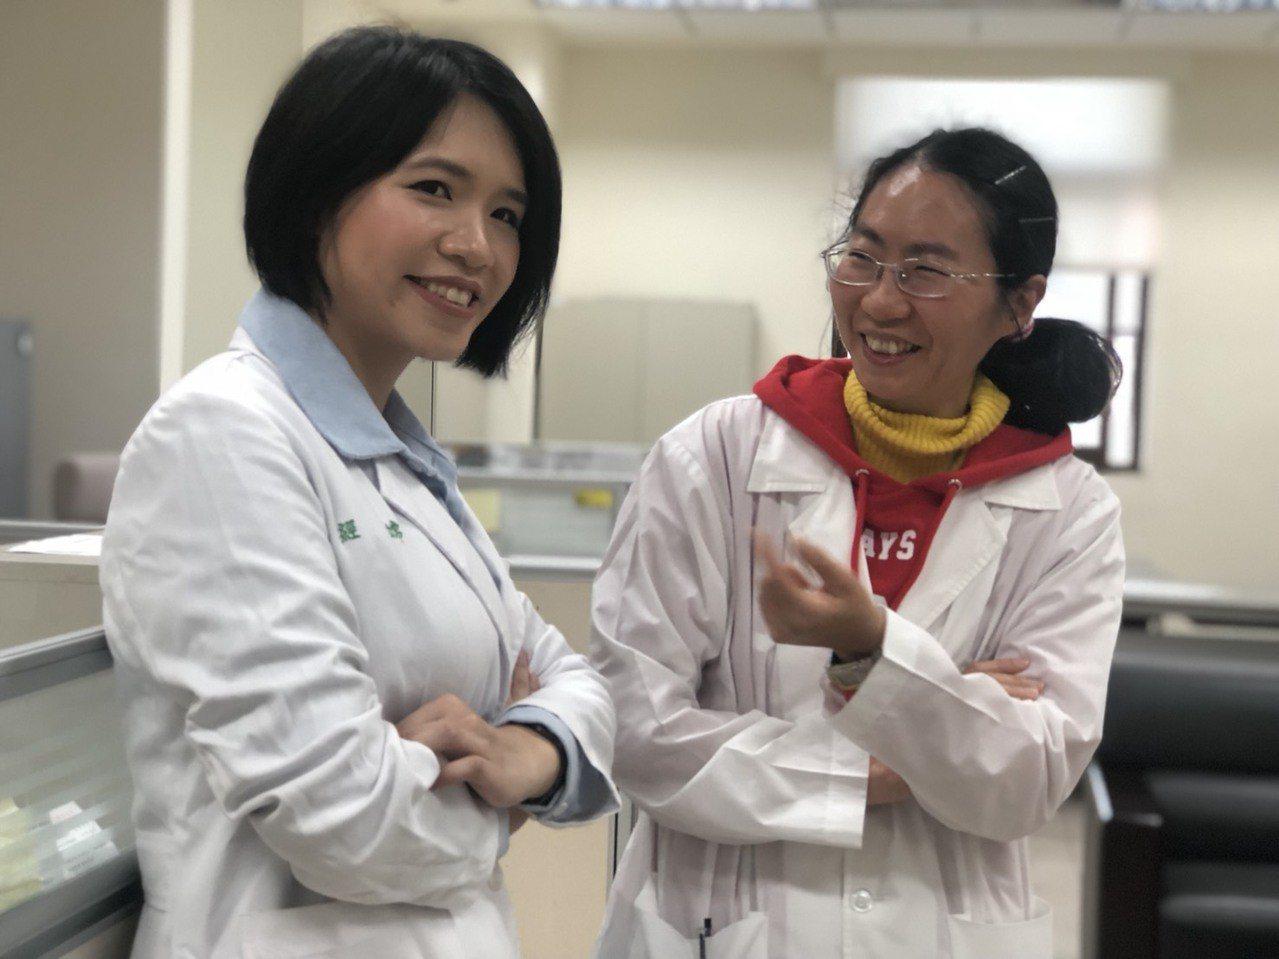 嘉義地檢署2名法醫都是女生,楊婉玲(右)、經嫦是台大法醫研究所的學姊學妹。記者王...